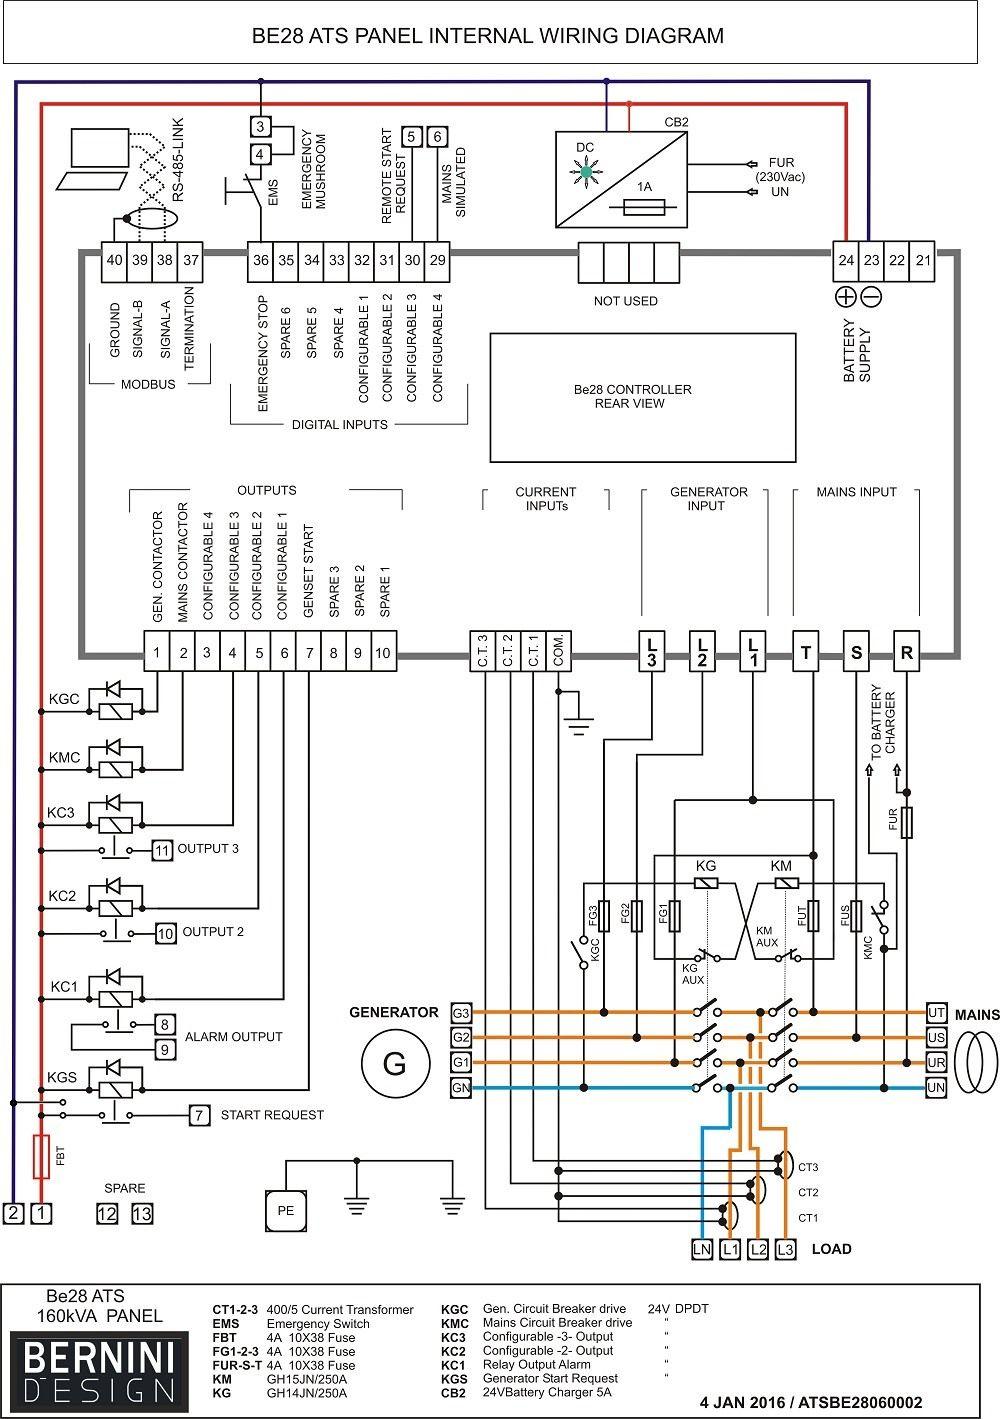 29+ Generac Generator Wiring Diagram South Dakota in 2021   Electrical  panel wiring, Transfer switch, Electrical panel   Generac Control Wiring Diagram      Pinterest